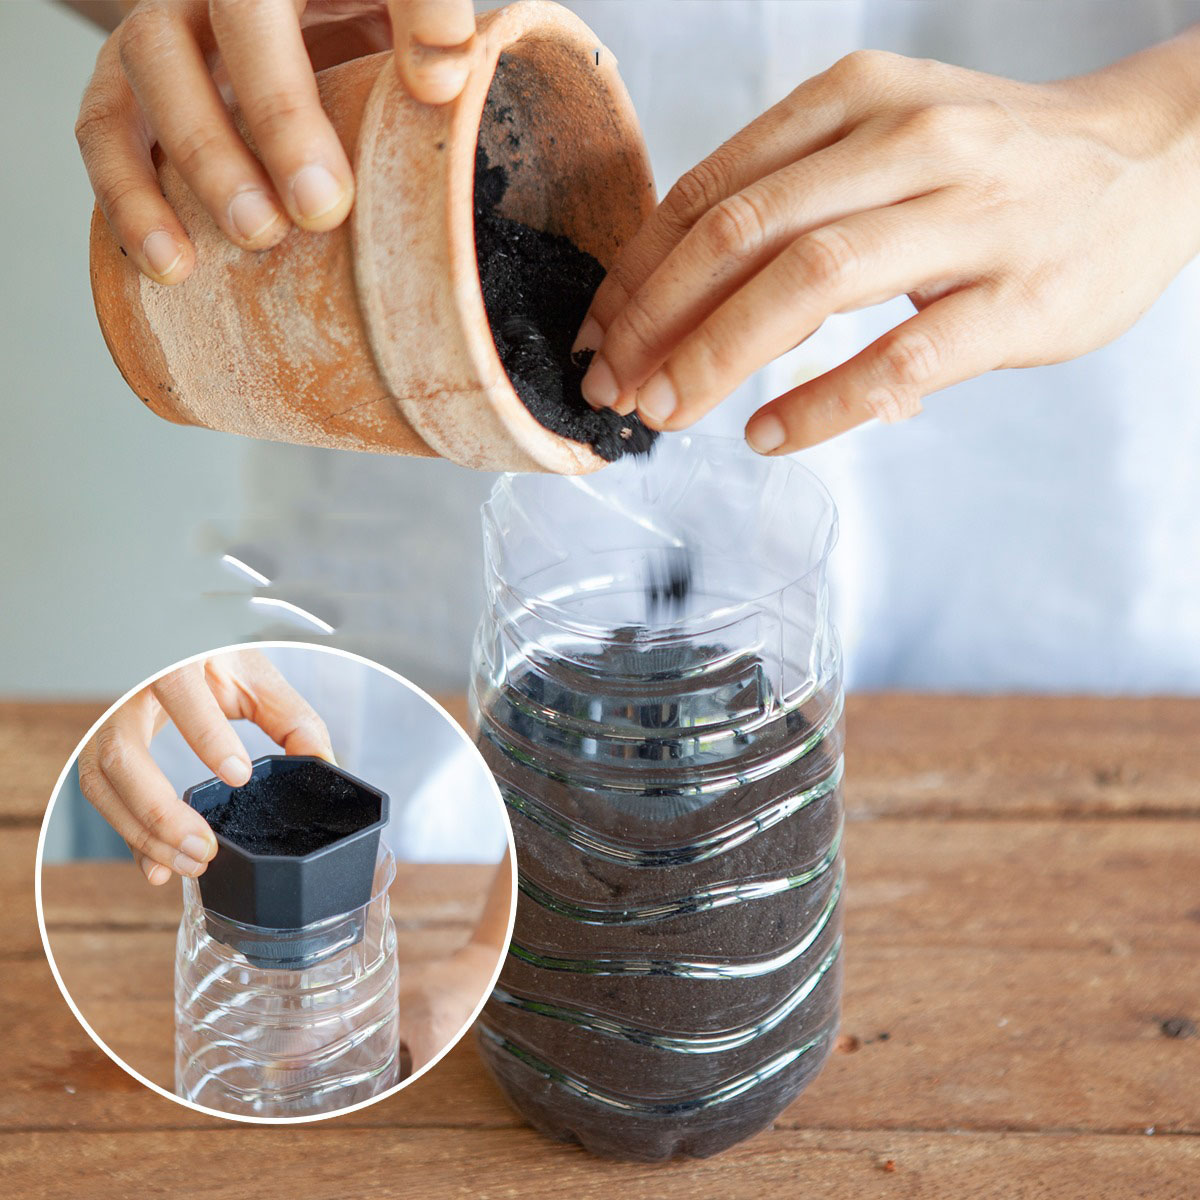 Cắt rau bỏ trong chai nhựa, cách làm đơn giản nhưng thu hoạch rau nhiều bất ngờ - Ảnh 5.